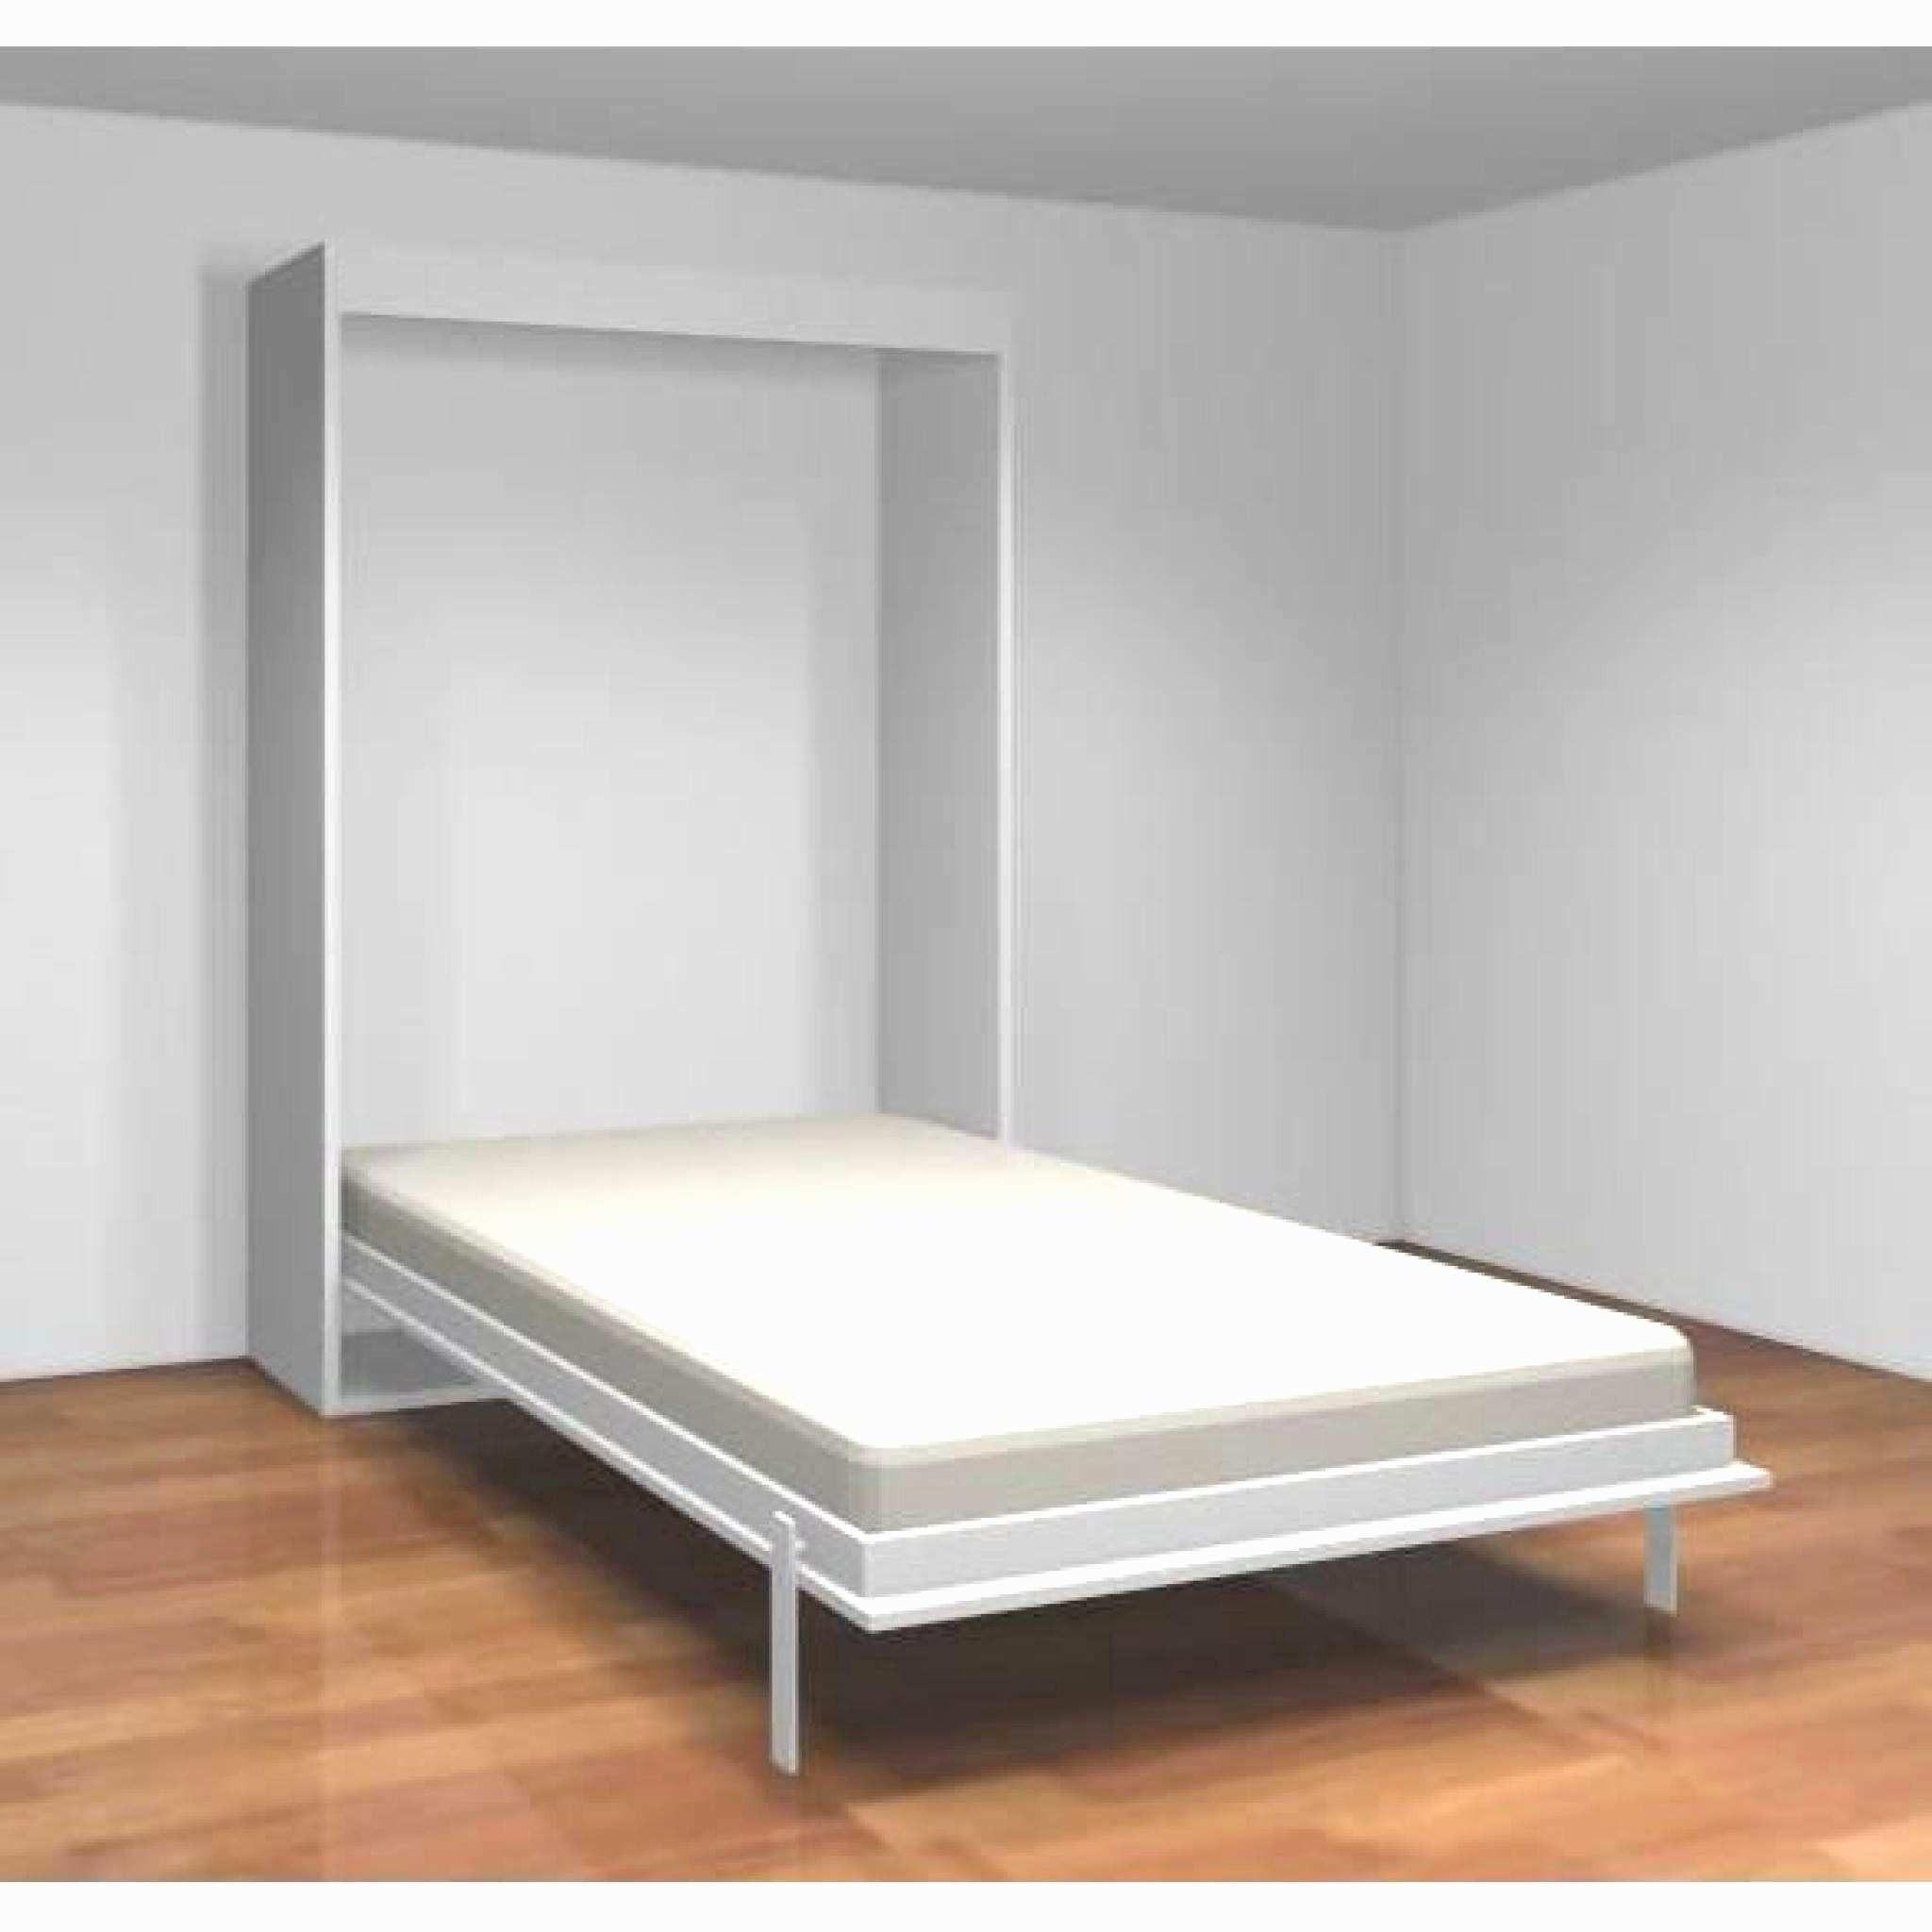 Lit Placard Ikea Bel Meubles Lits Escamotables Meuble Lit Pliant Lits Escamotables Ikea